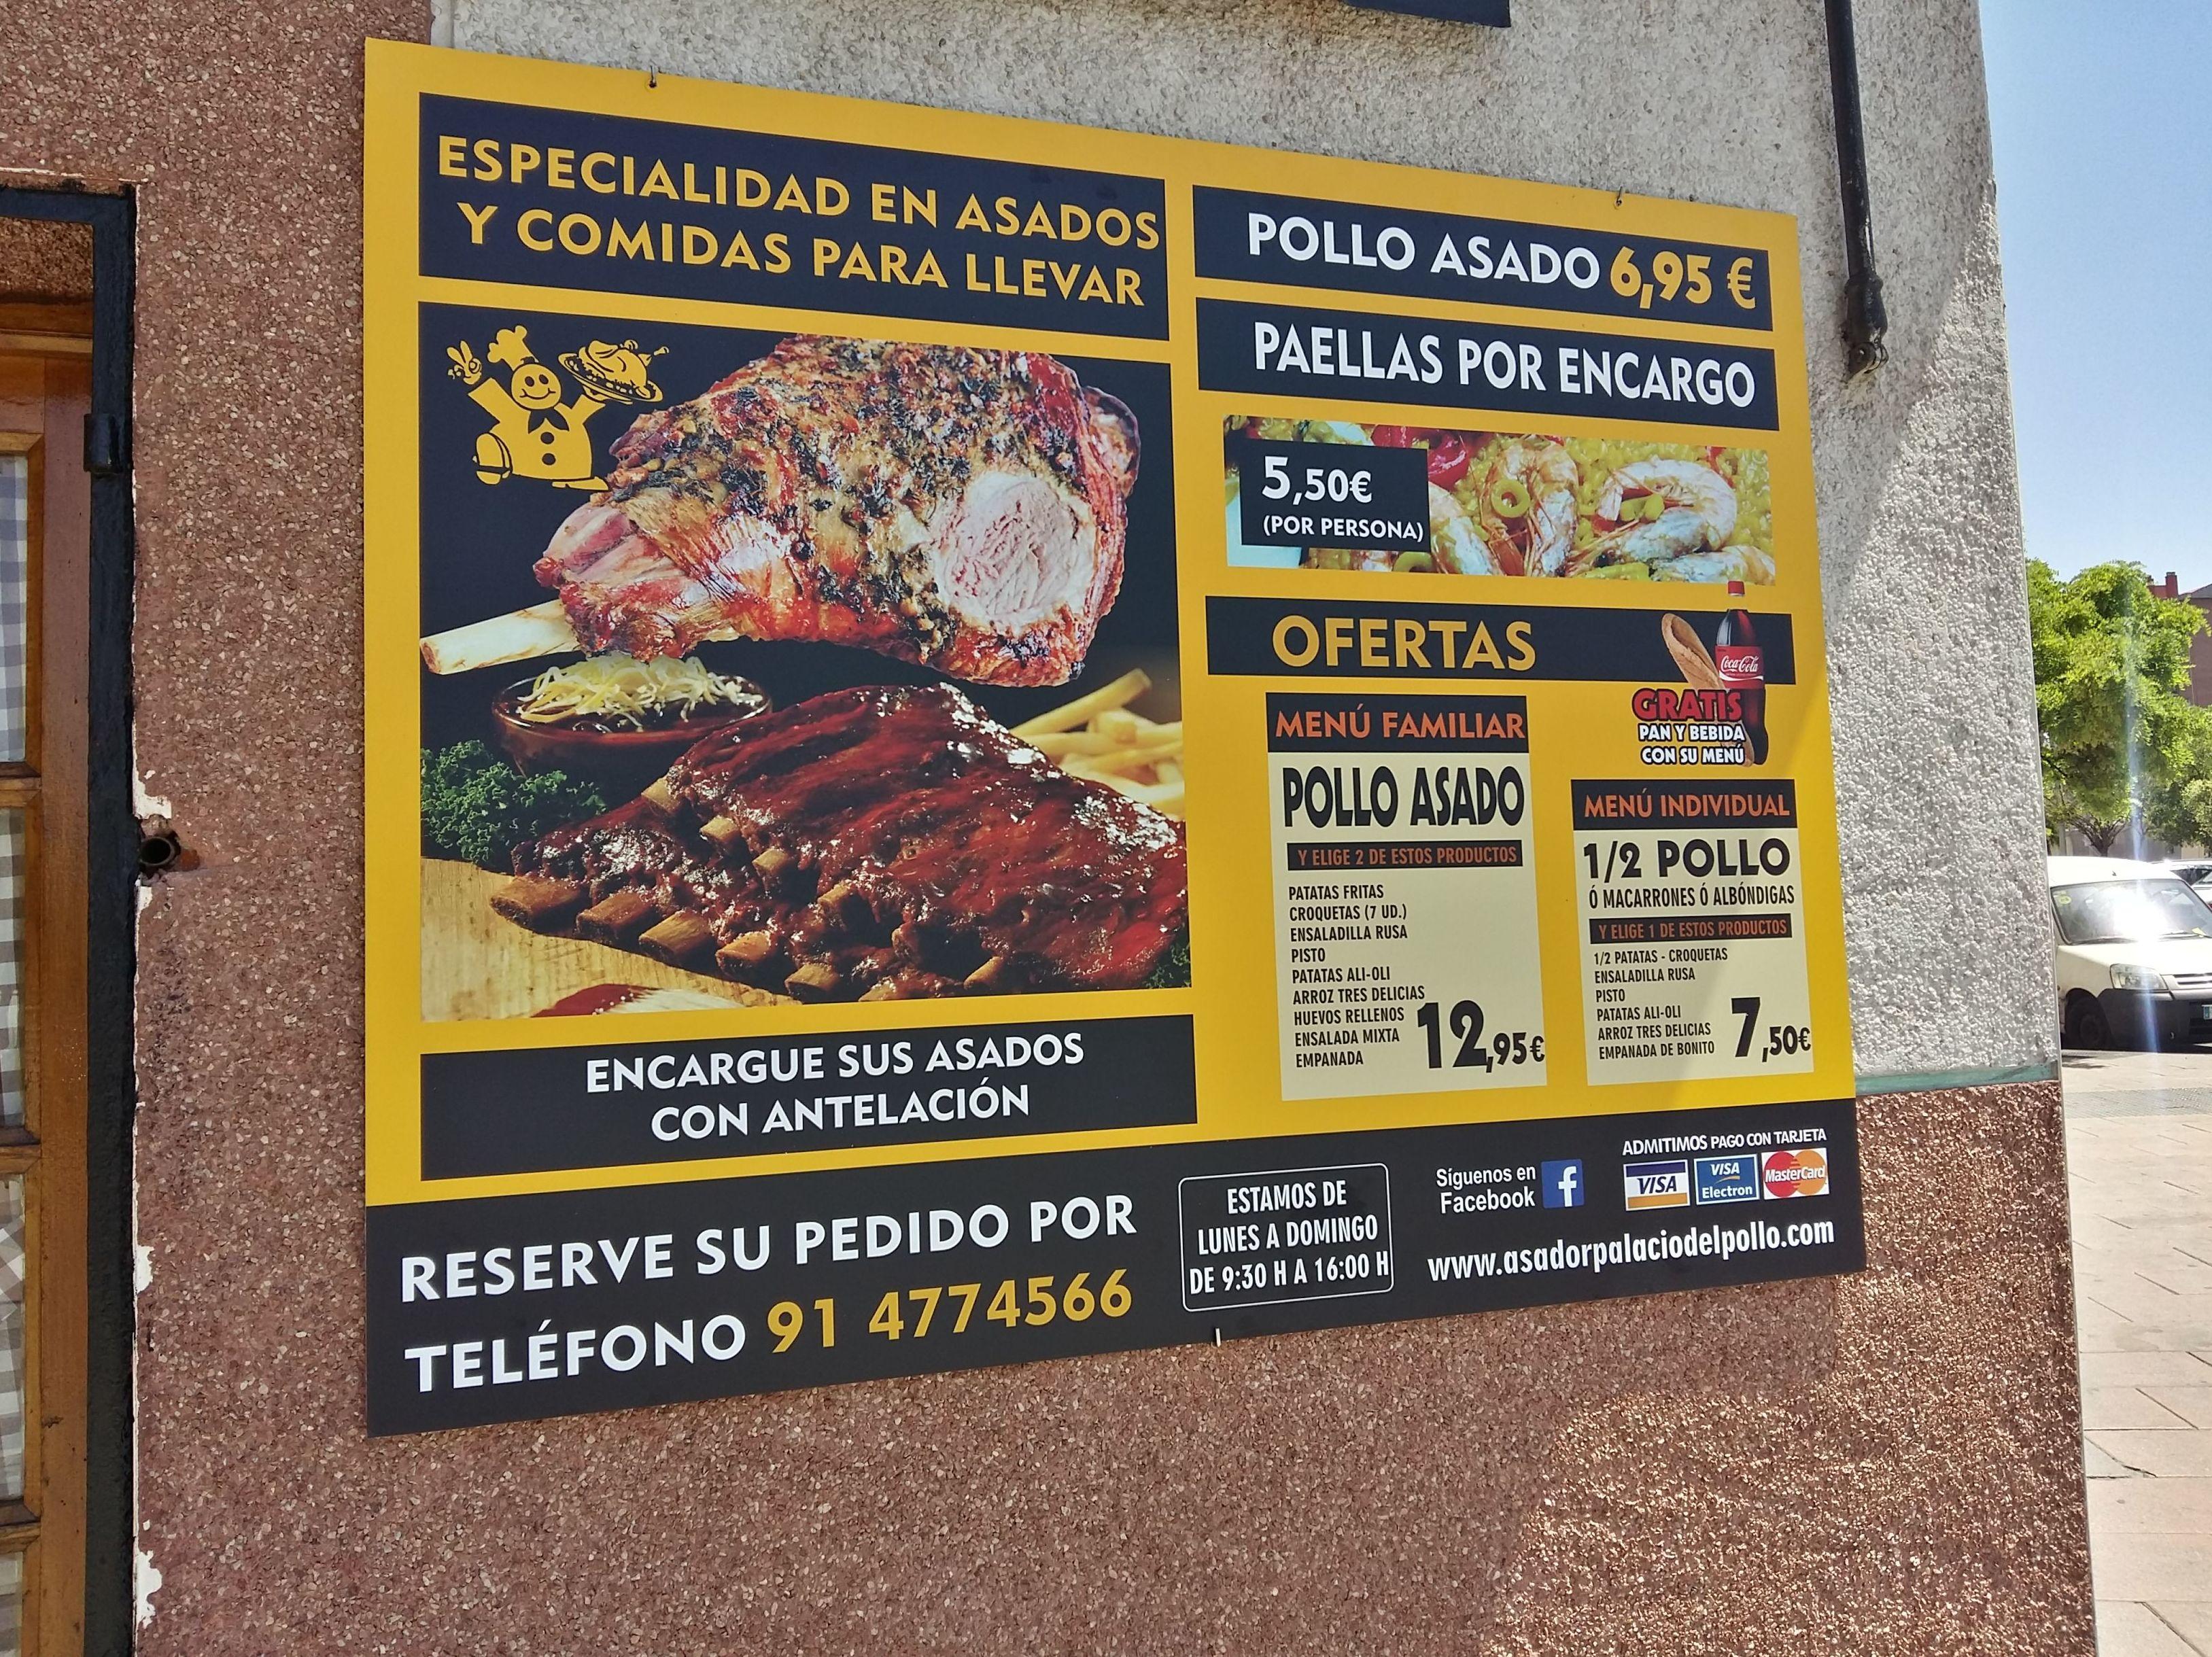 Foto 6 de Pollos asados en Madrid | El Palacio del Pollo